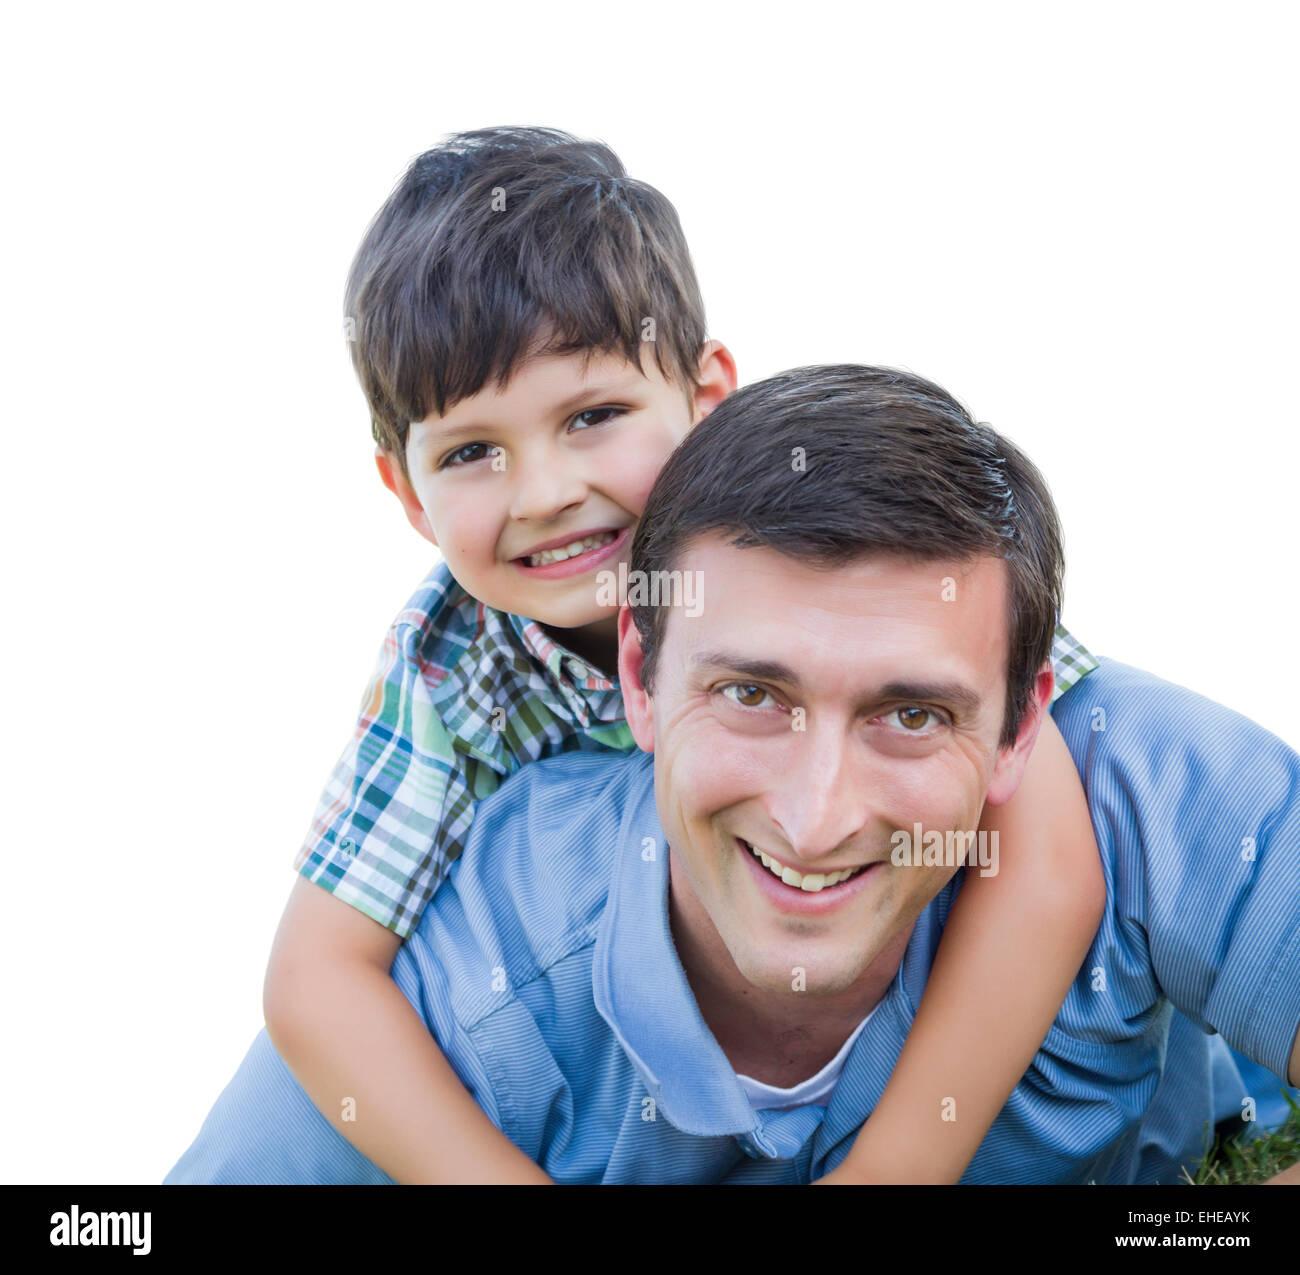 Heureux père et fils jouant Piggyback isolé sur blanc. Photo Stock